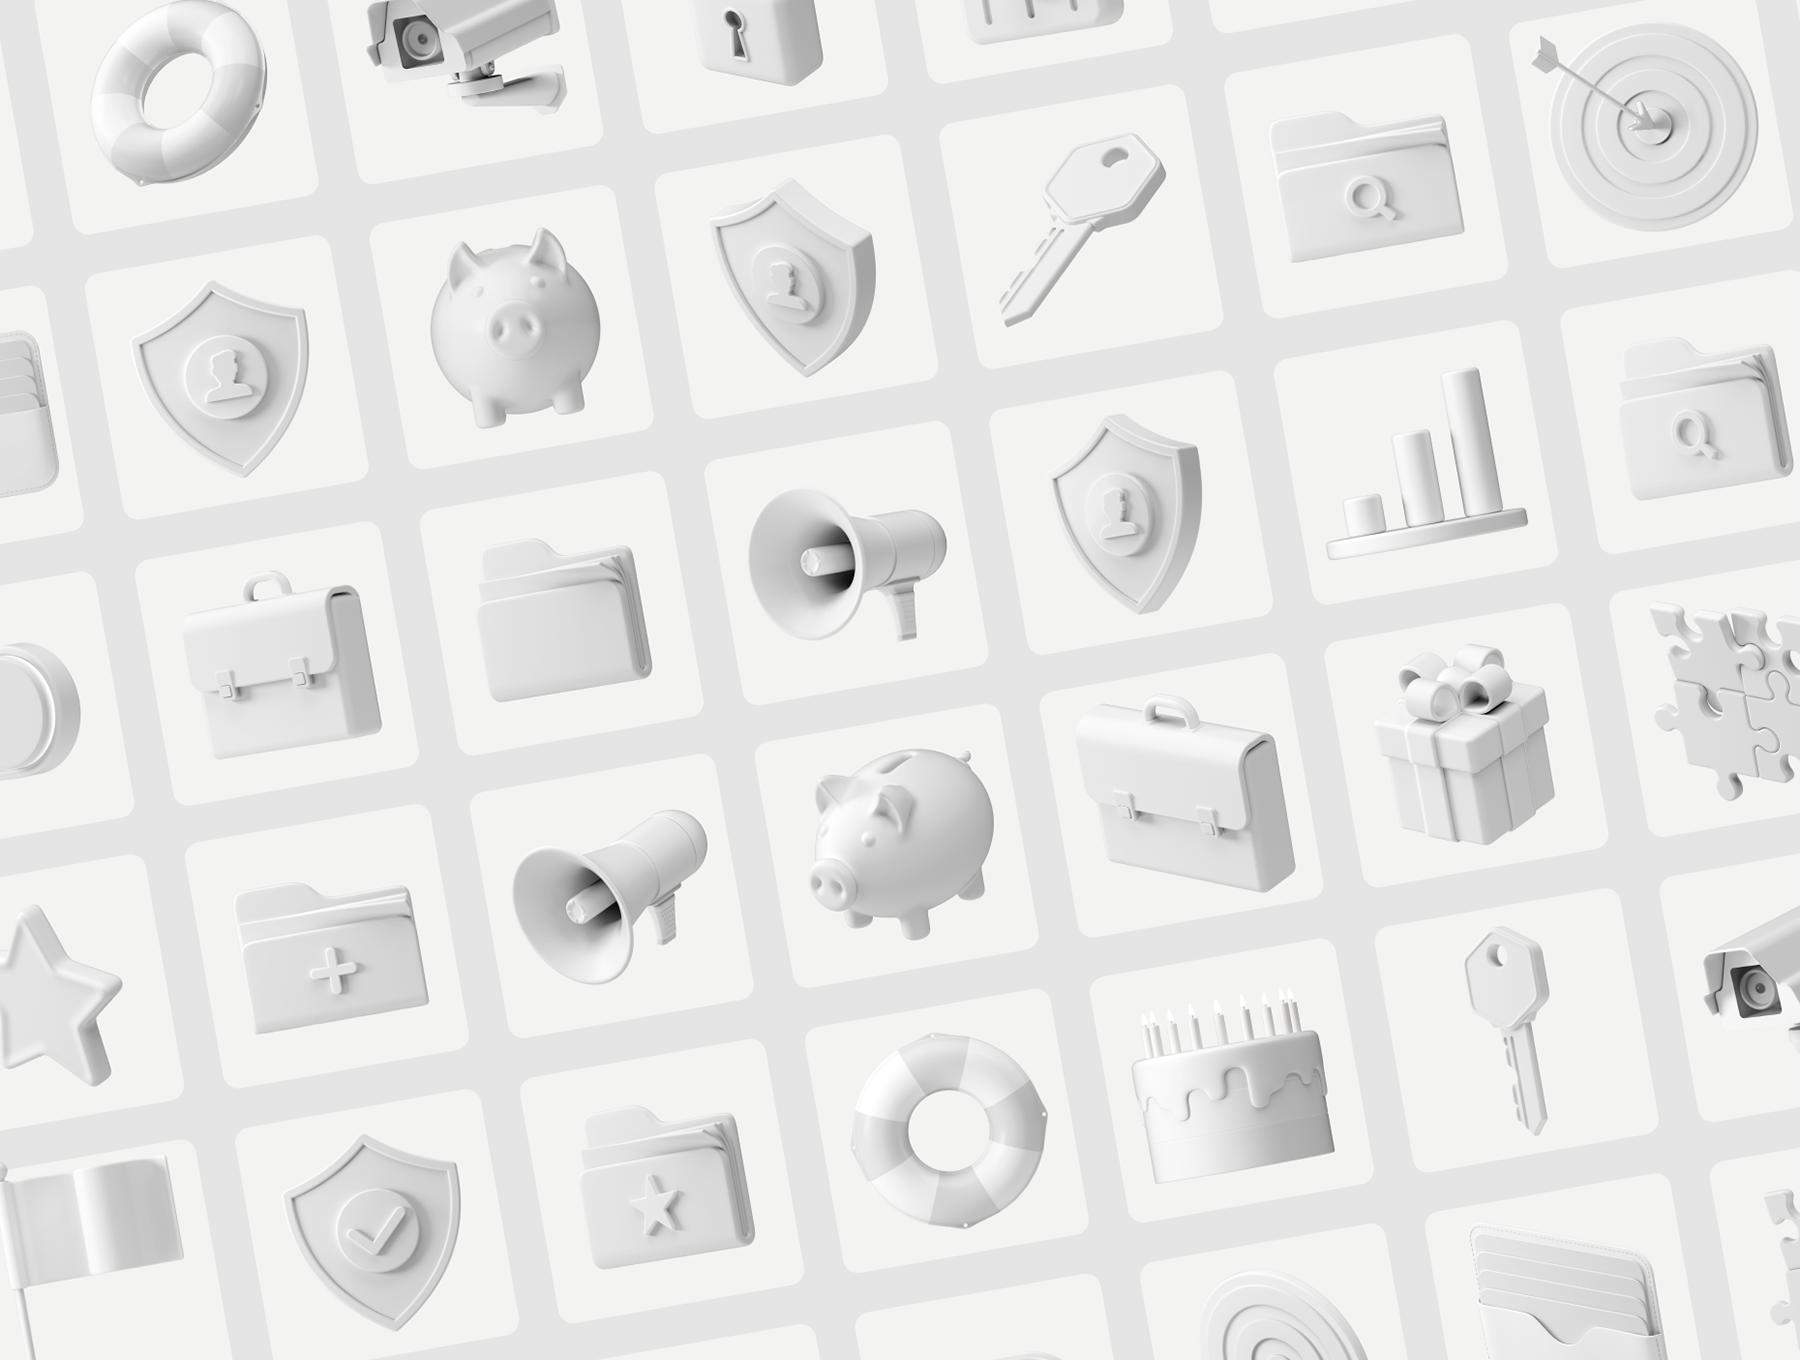 C4D打造的UI多用途3D图标合集下载designshidai_C4D14